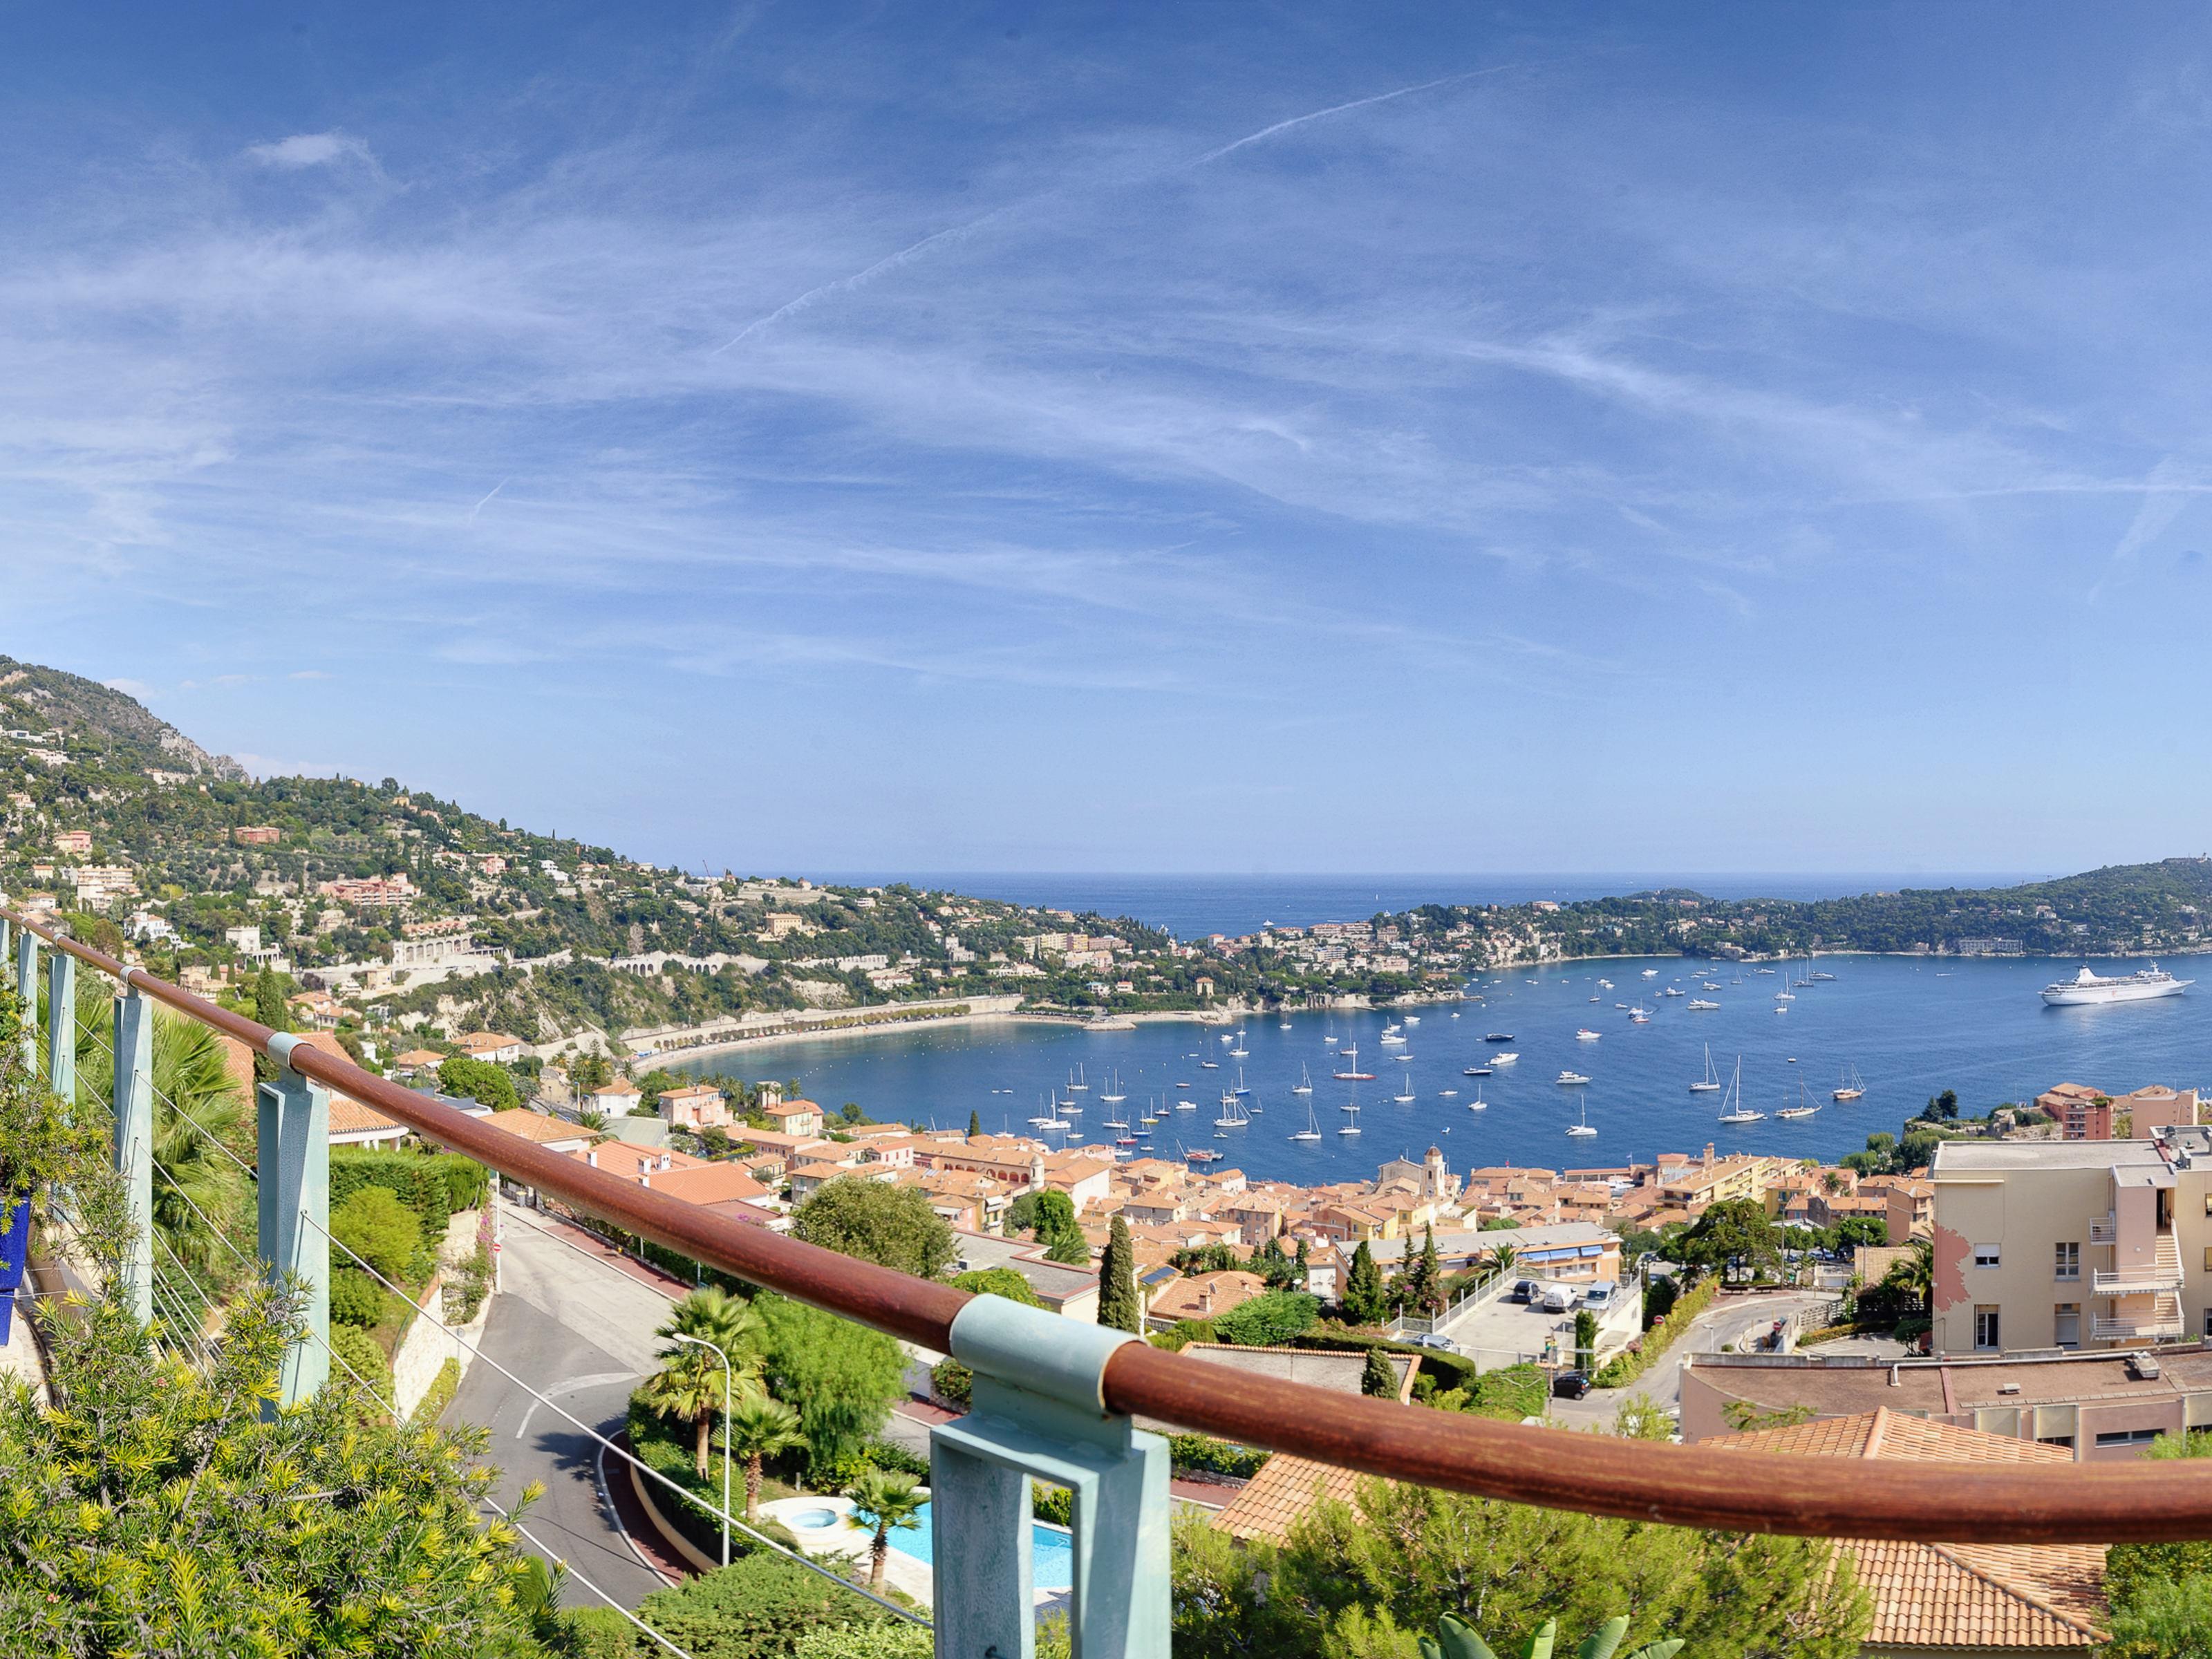 단독 가정 주택 용 매매 에 Lovely Provencale villa , panoramic sea view on Villefranche Harbour Villefranche sur Mer Villefranche Sur Mer, 프로벤스 앞ㄹ프스 코테 D'Azur 06230 프랑스